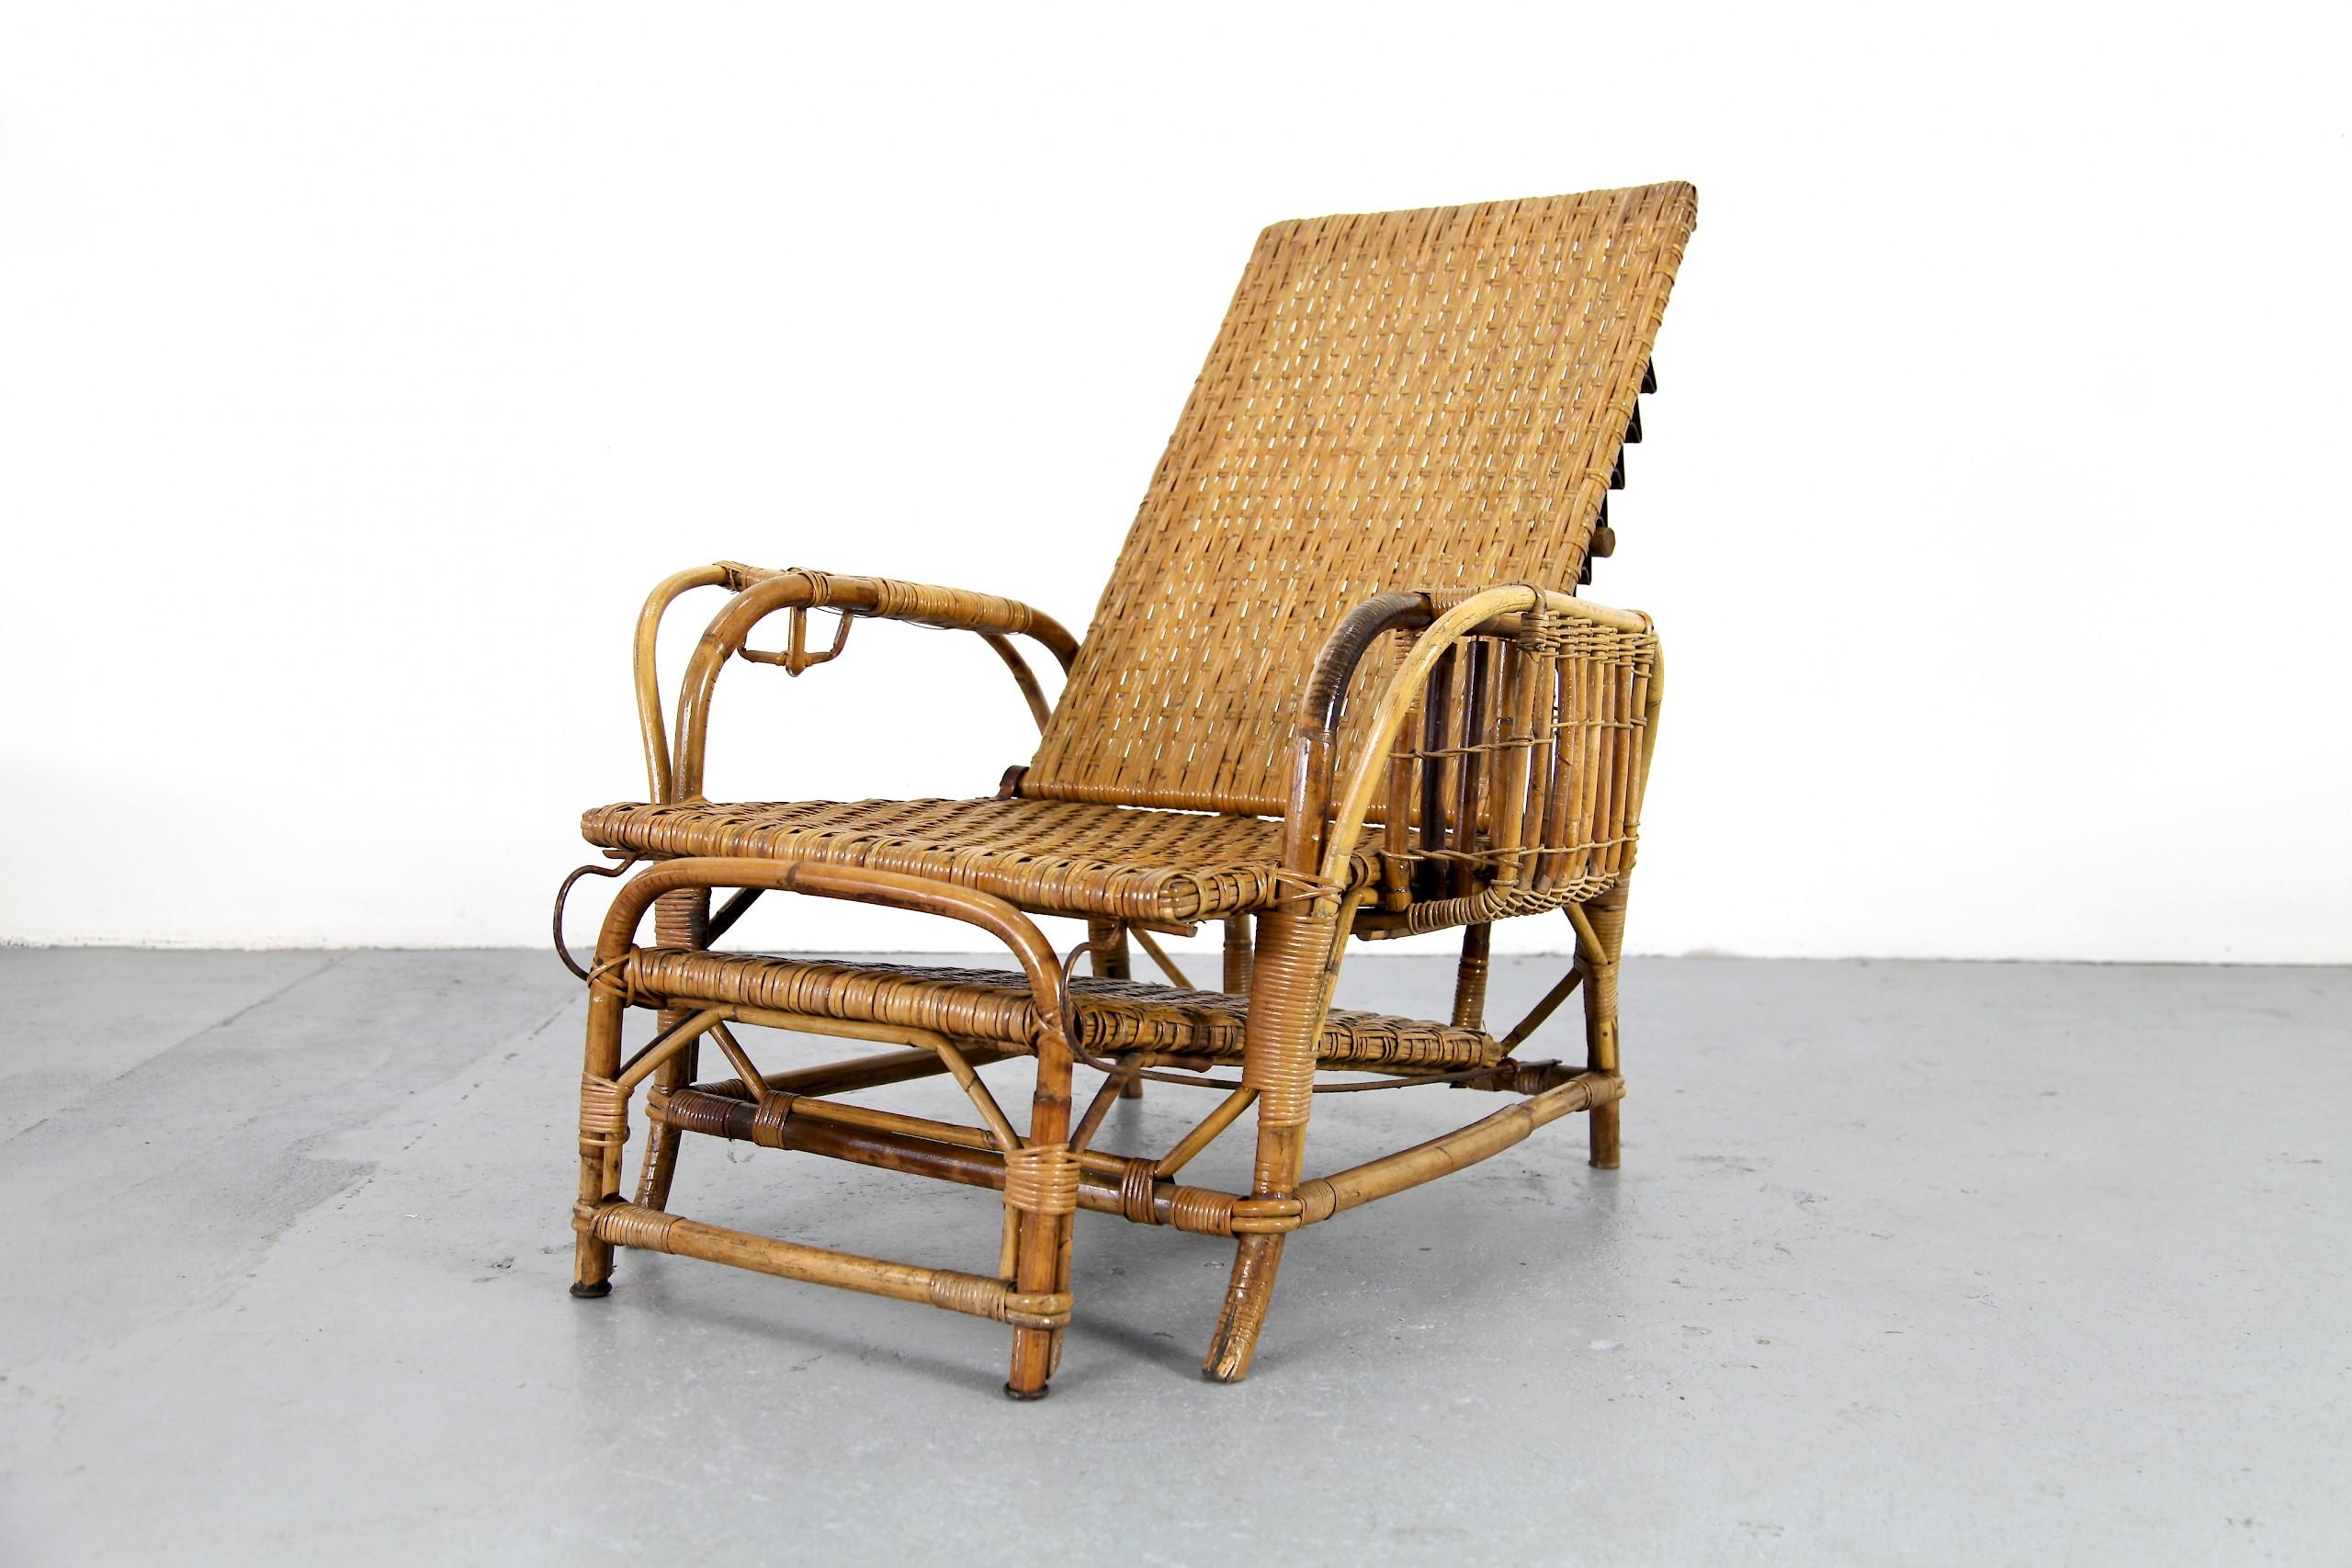 Bamboo Amp Rattan Garde Lounger By Erich Dieckmann Adore